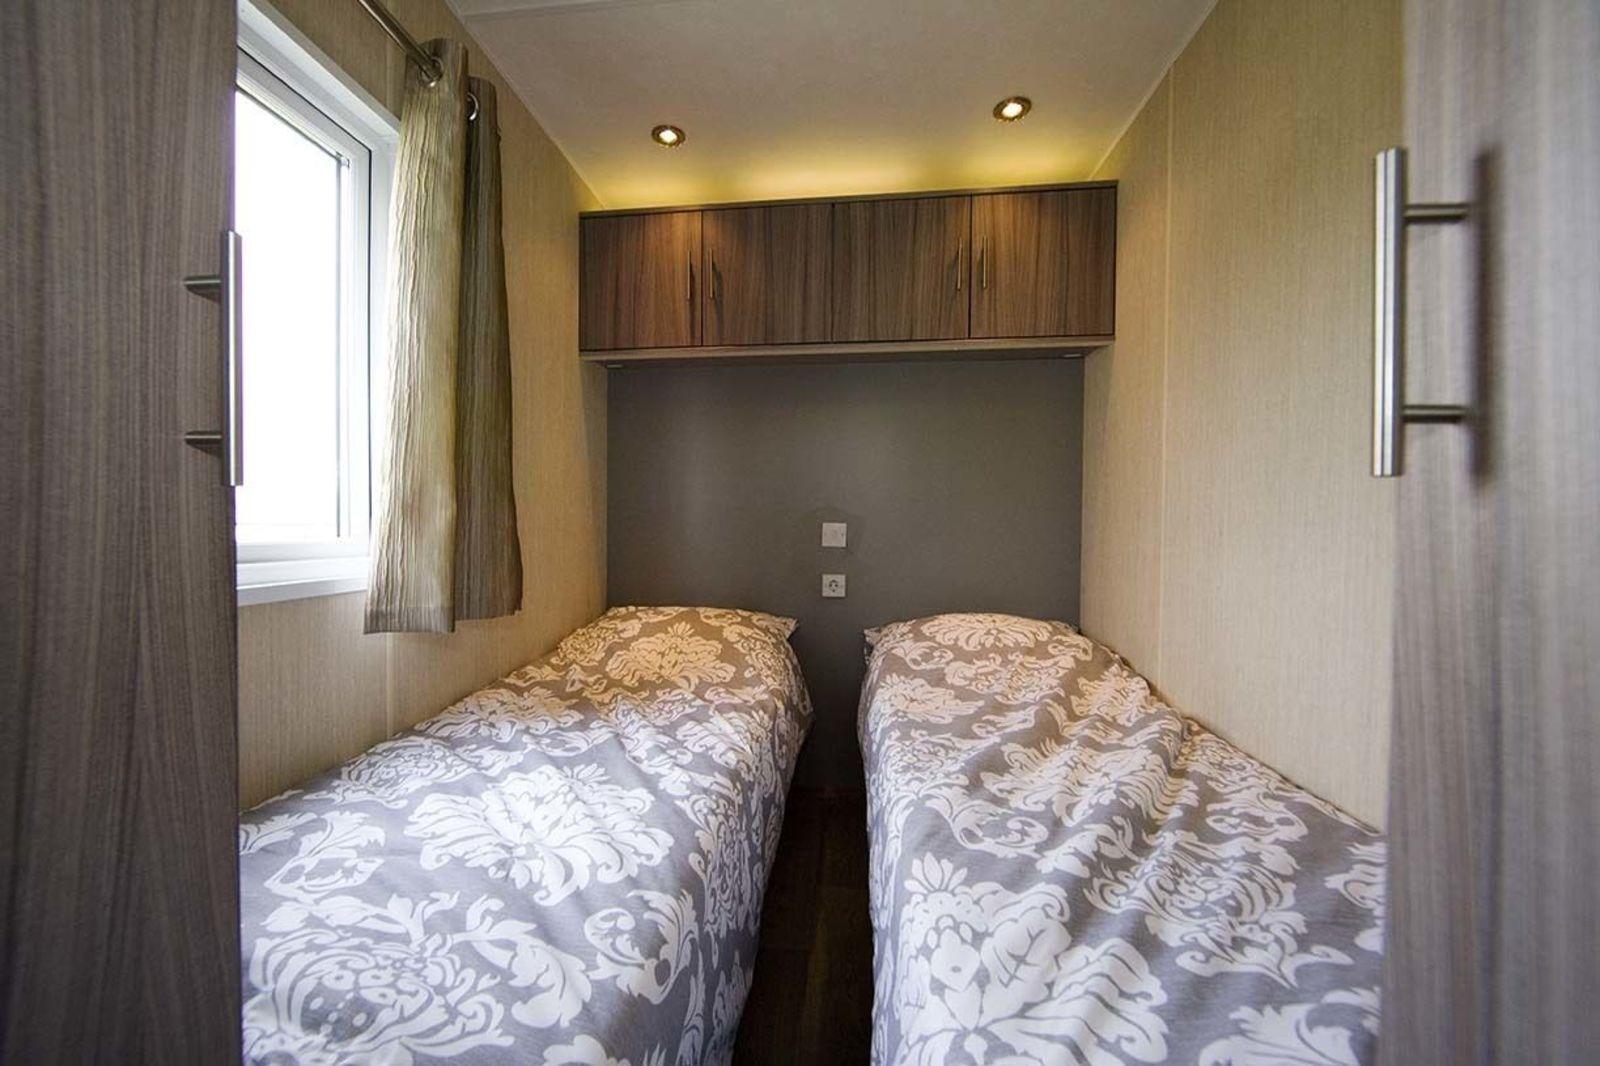 Bungalette 4 persons sauna